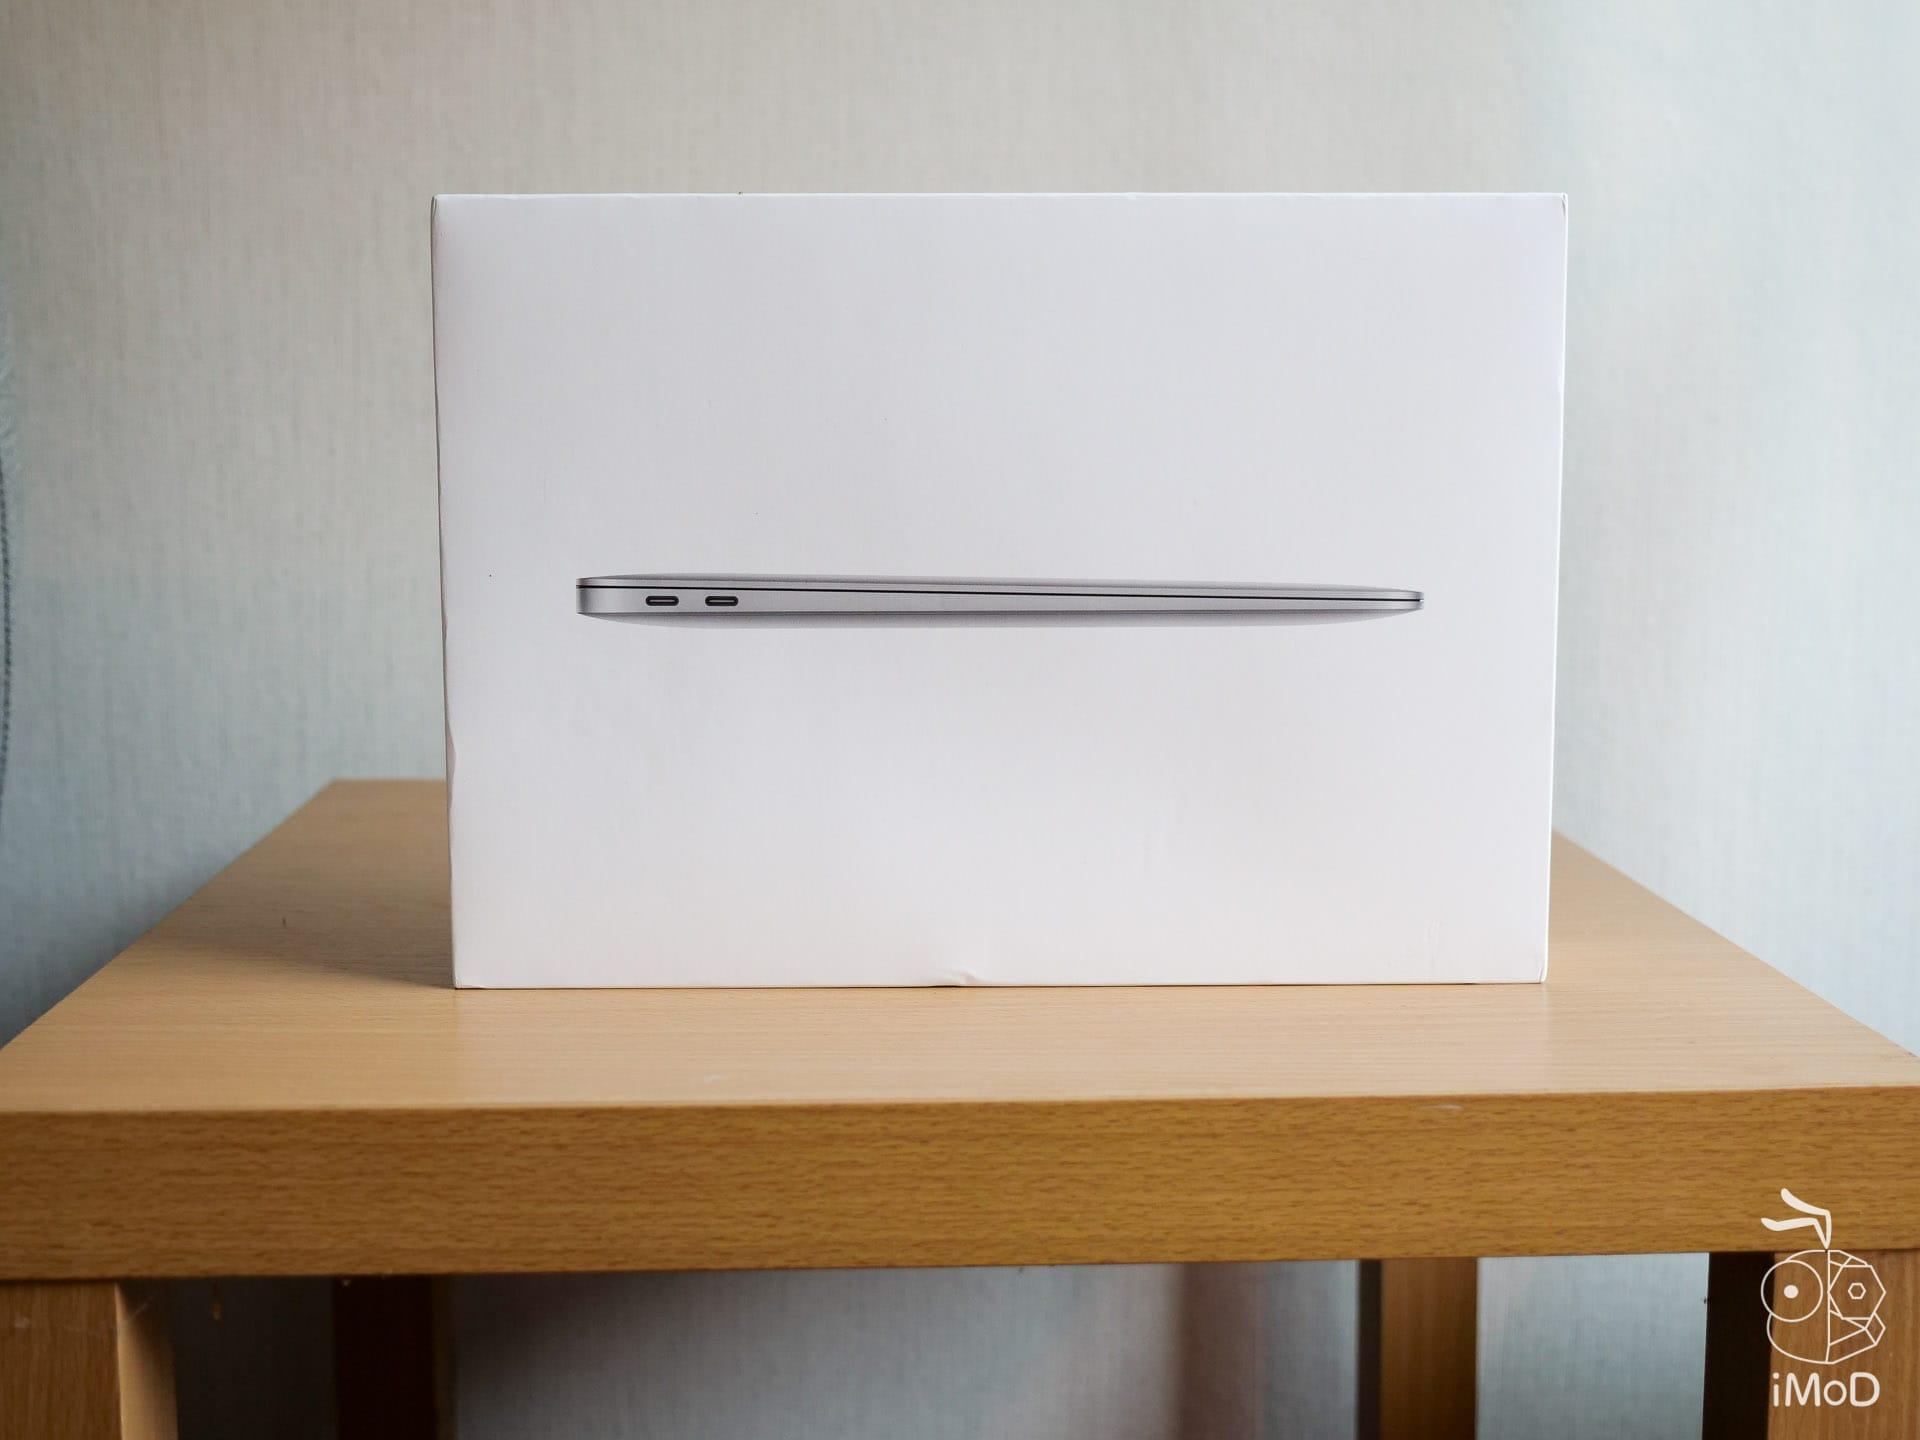 Macbook Air 2108 Review 1222754